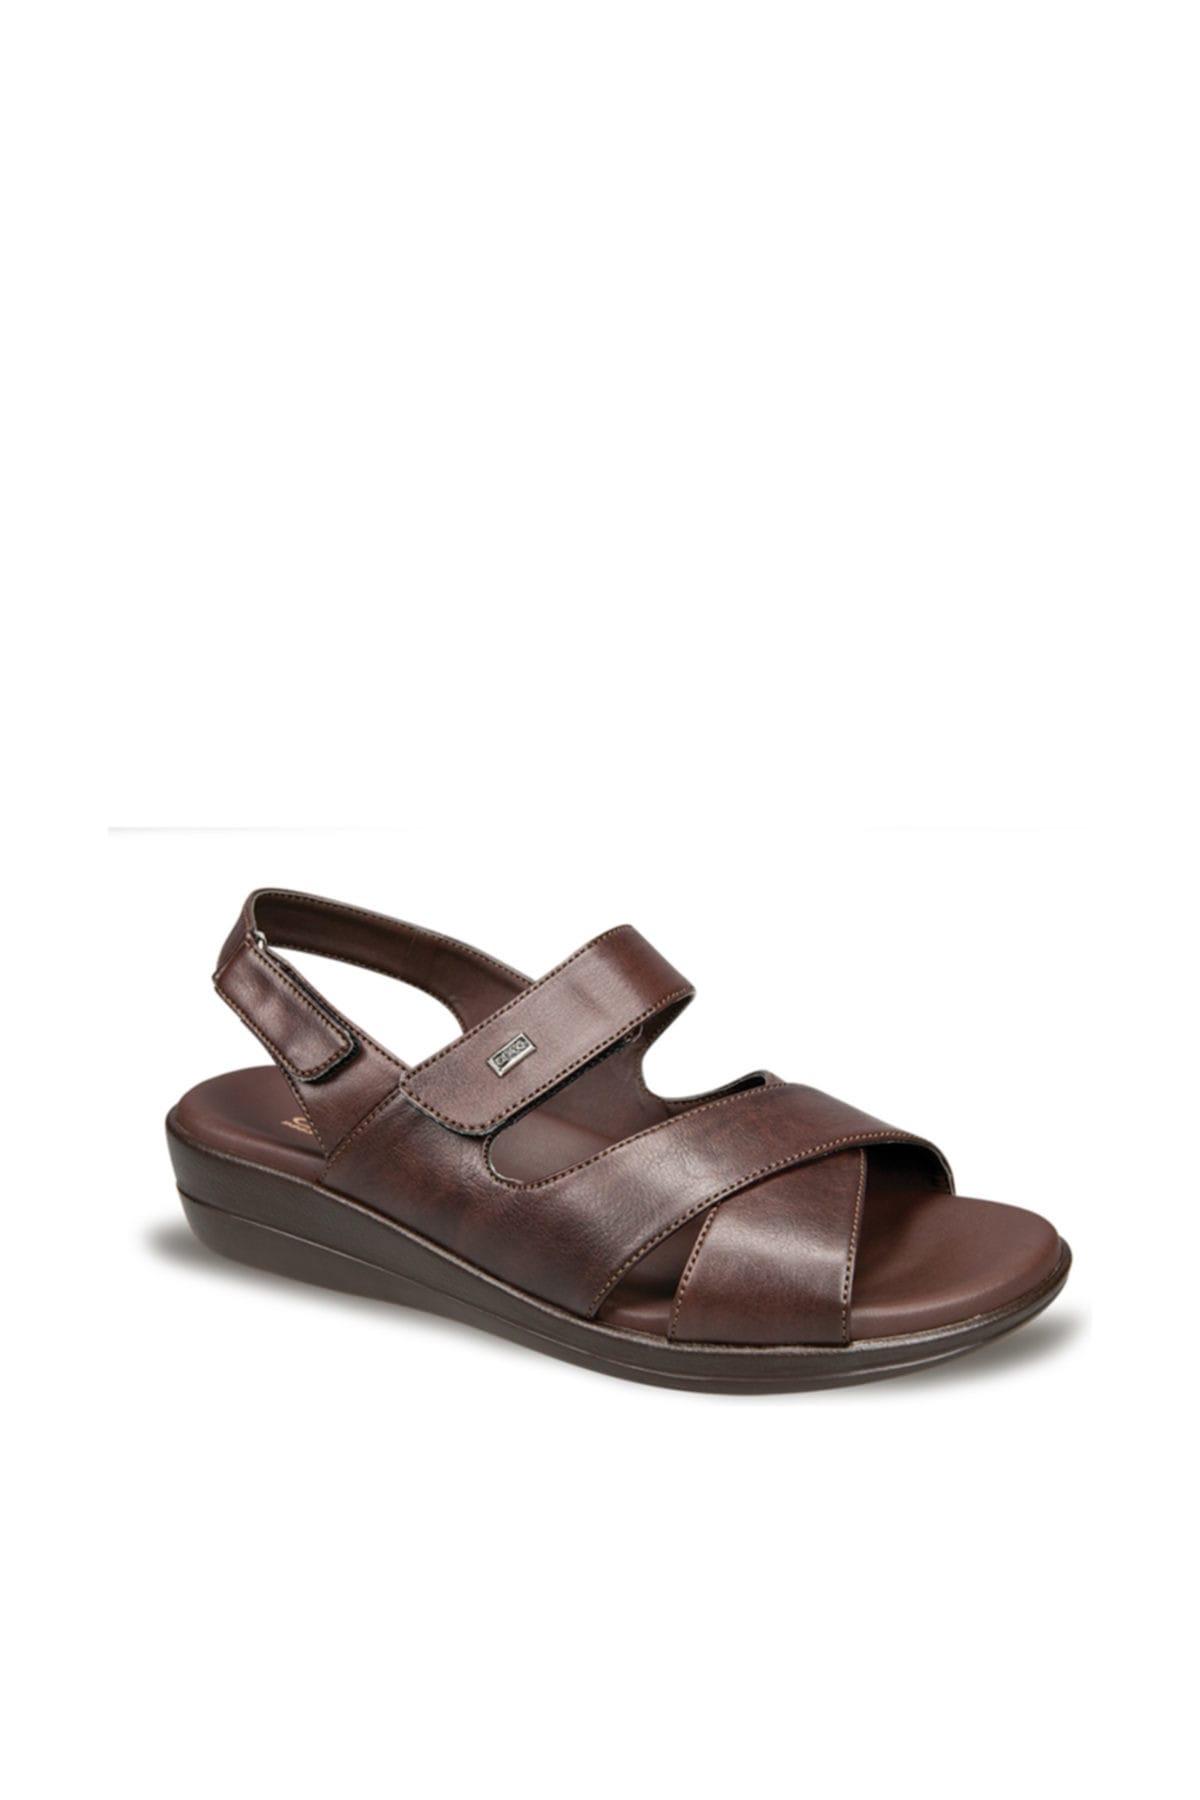 , 9863-12 (35-42), Anatomik, Kadın Ayakkabı, Kahverengi